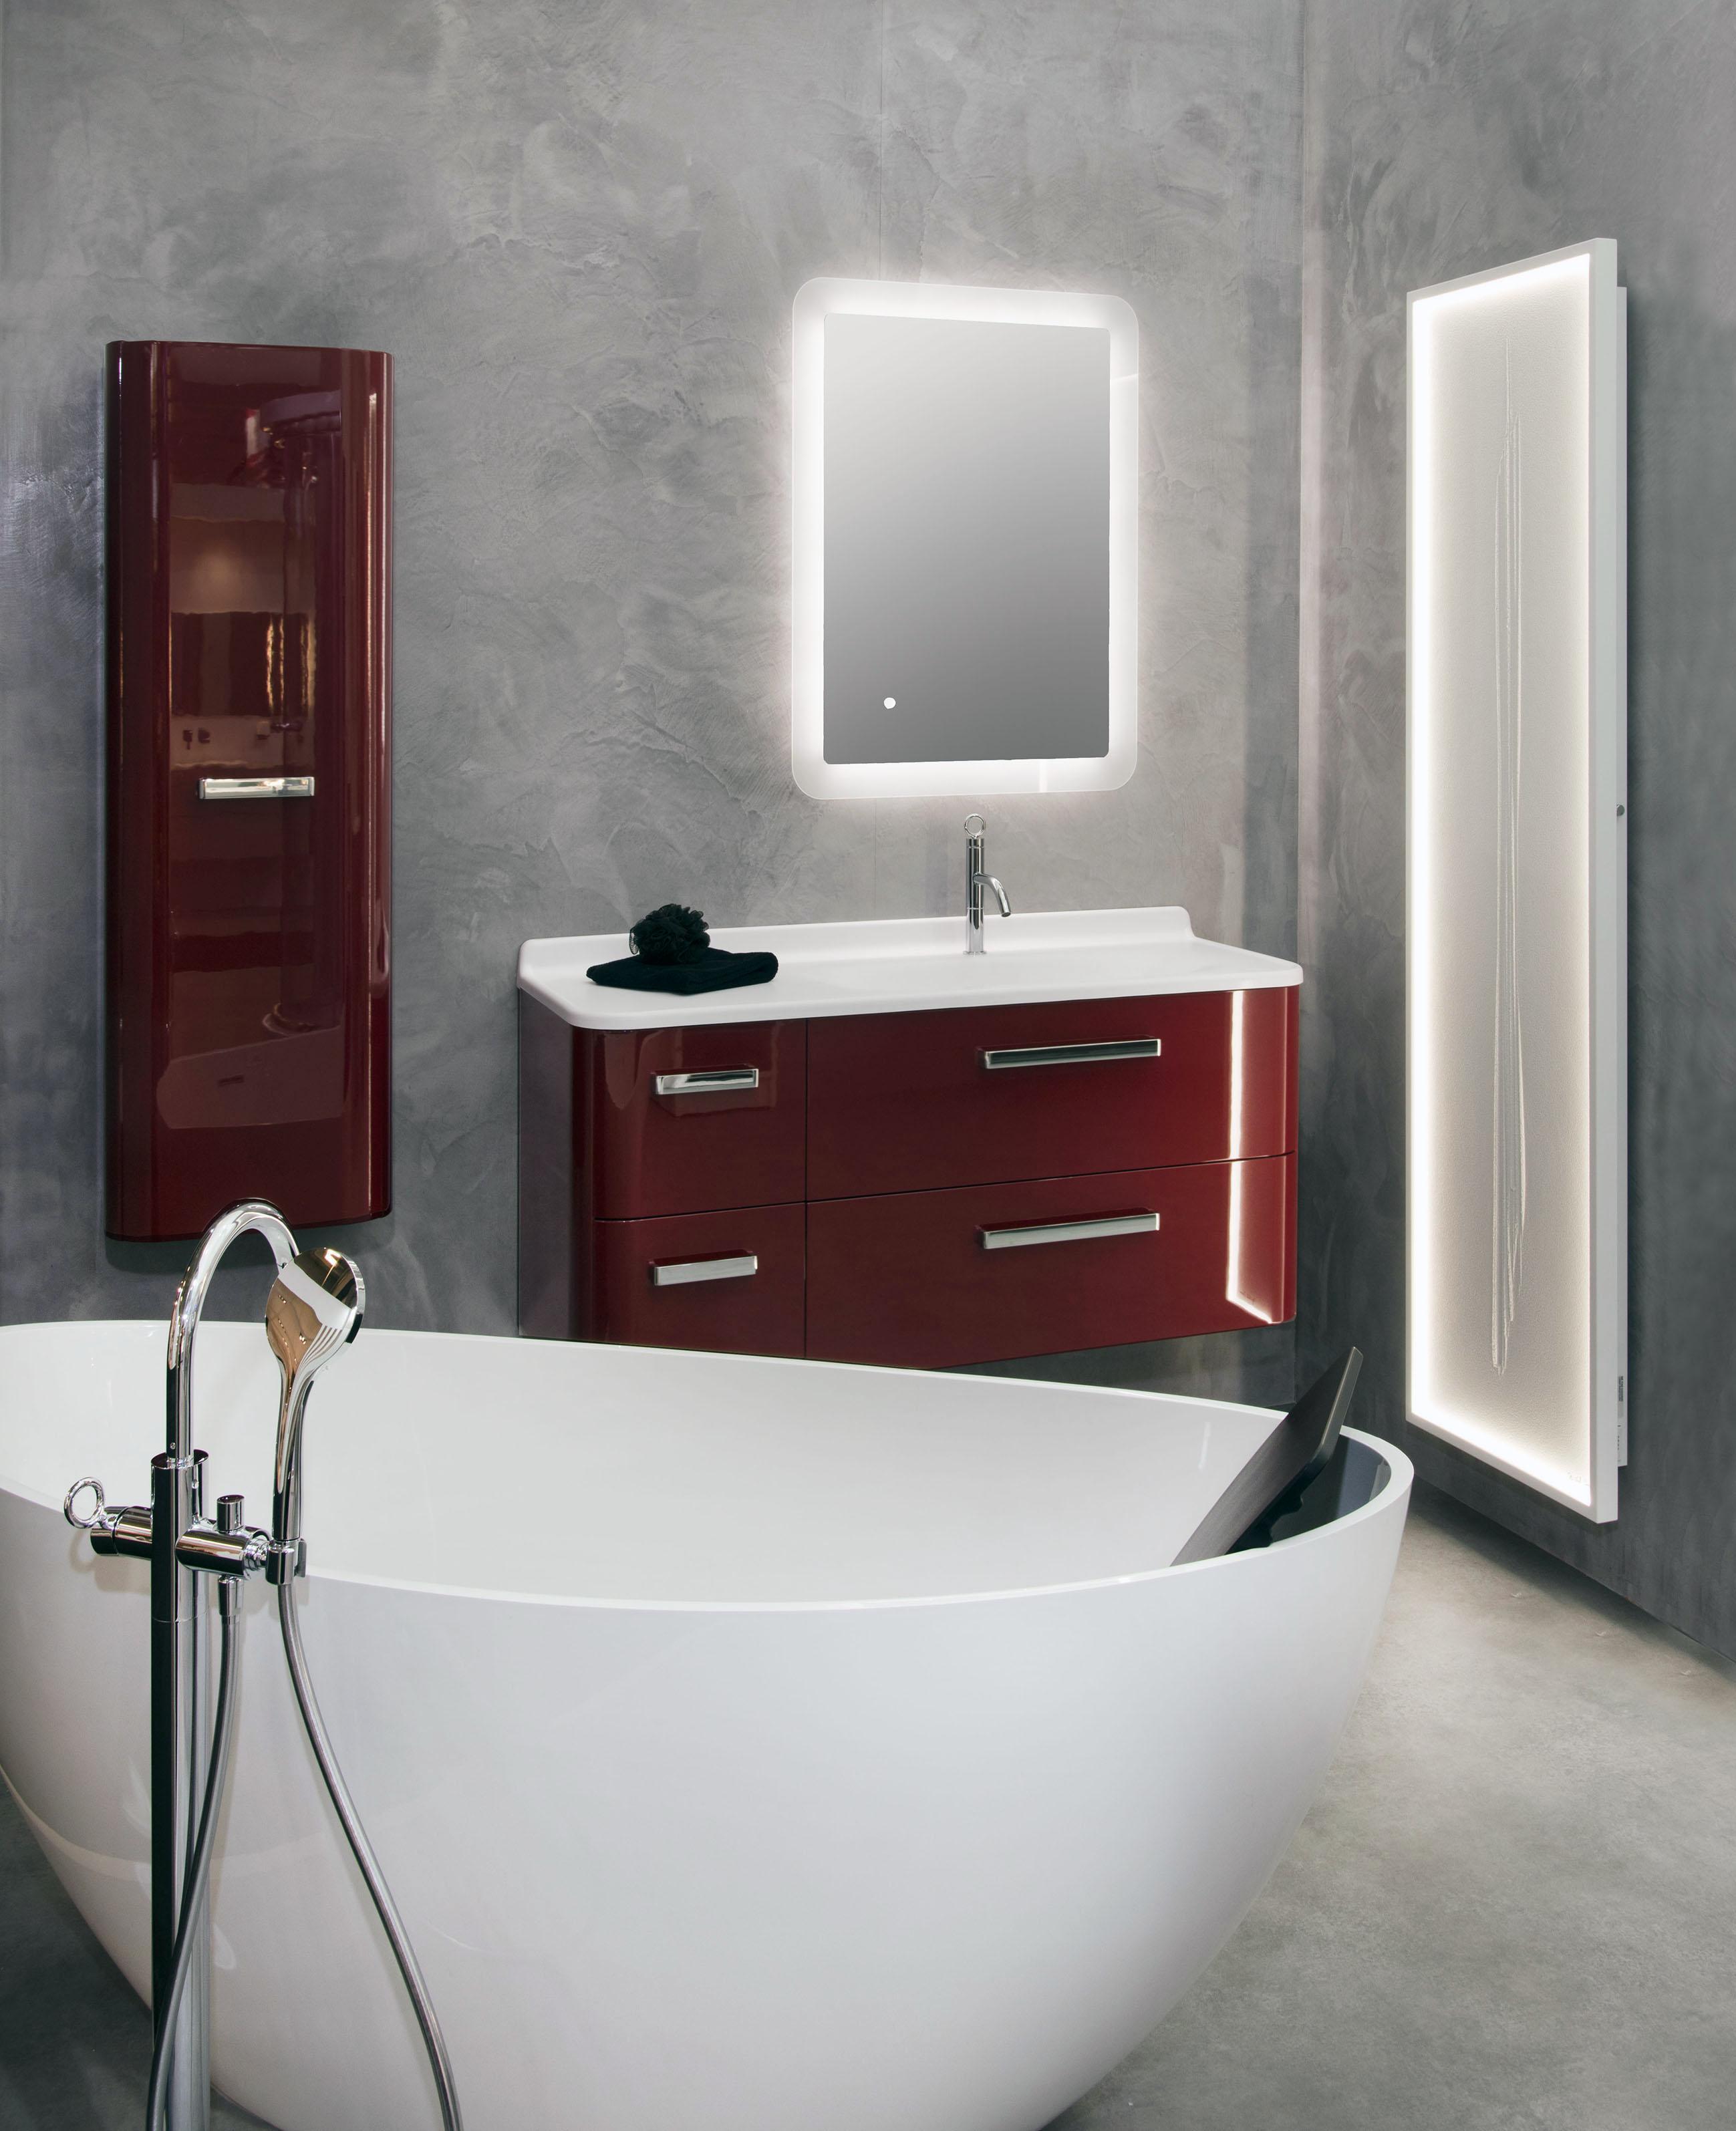 Chambre bebe jaune et blanc - Meuble salle de bain marque italienne ...